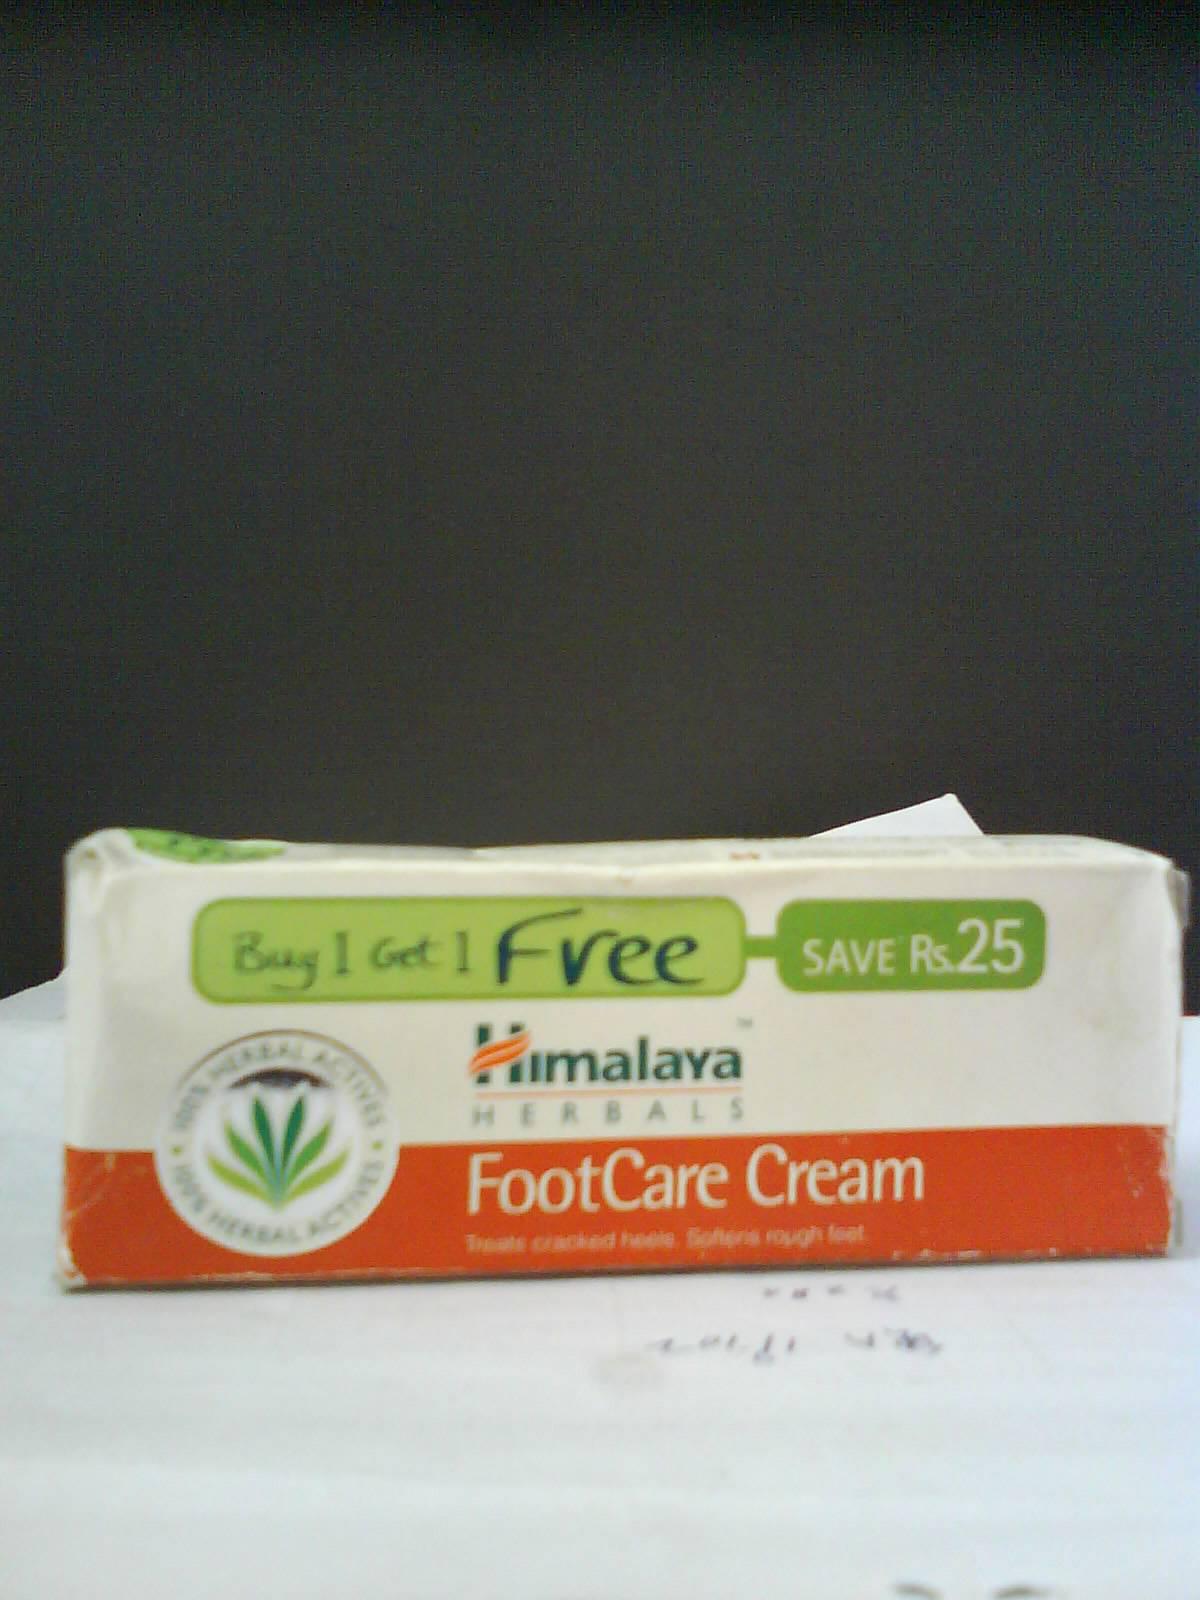 footcare cream